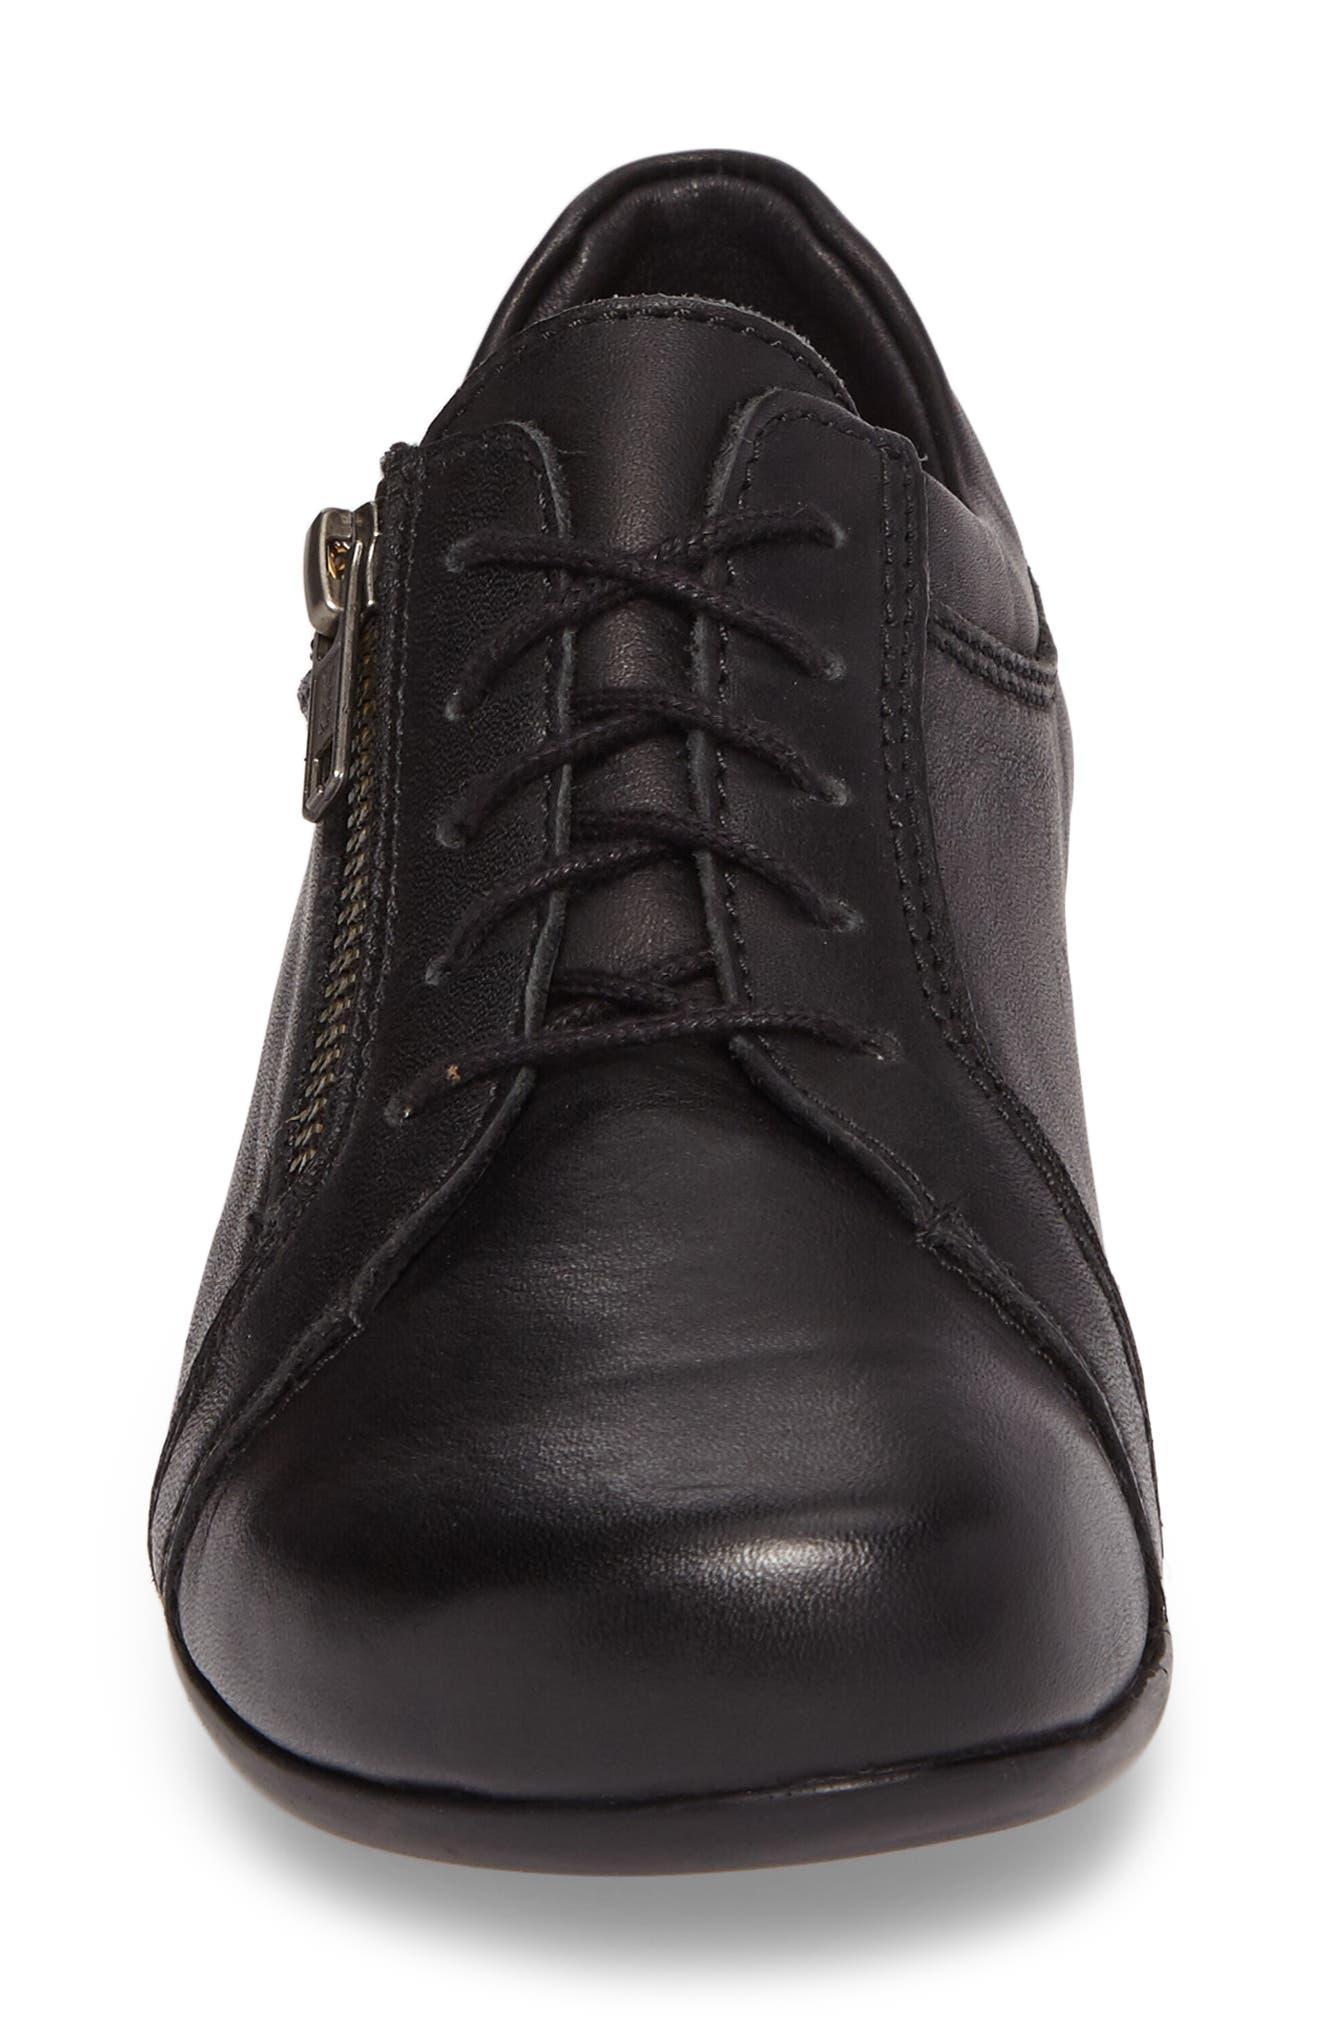 Bonnie Sneaker,                             Alternate thumbnail 4, color,                             Black Leather